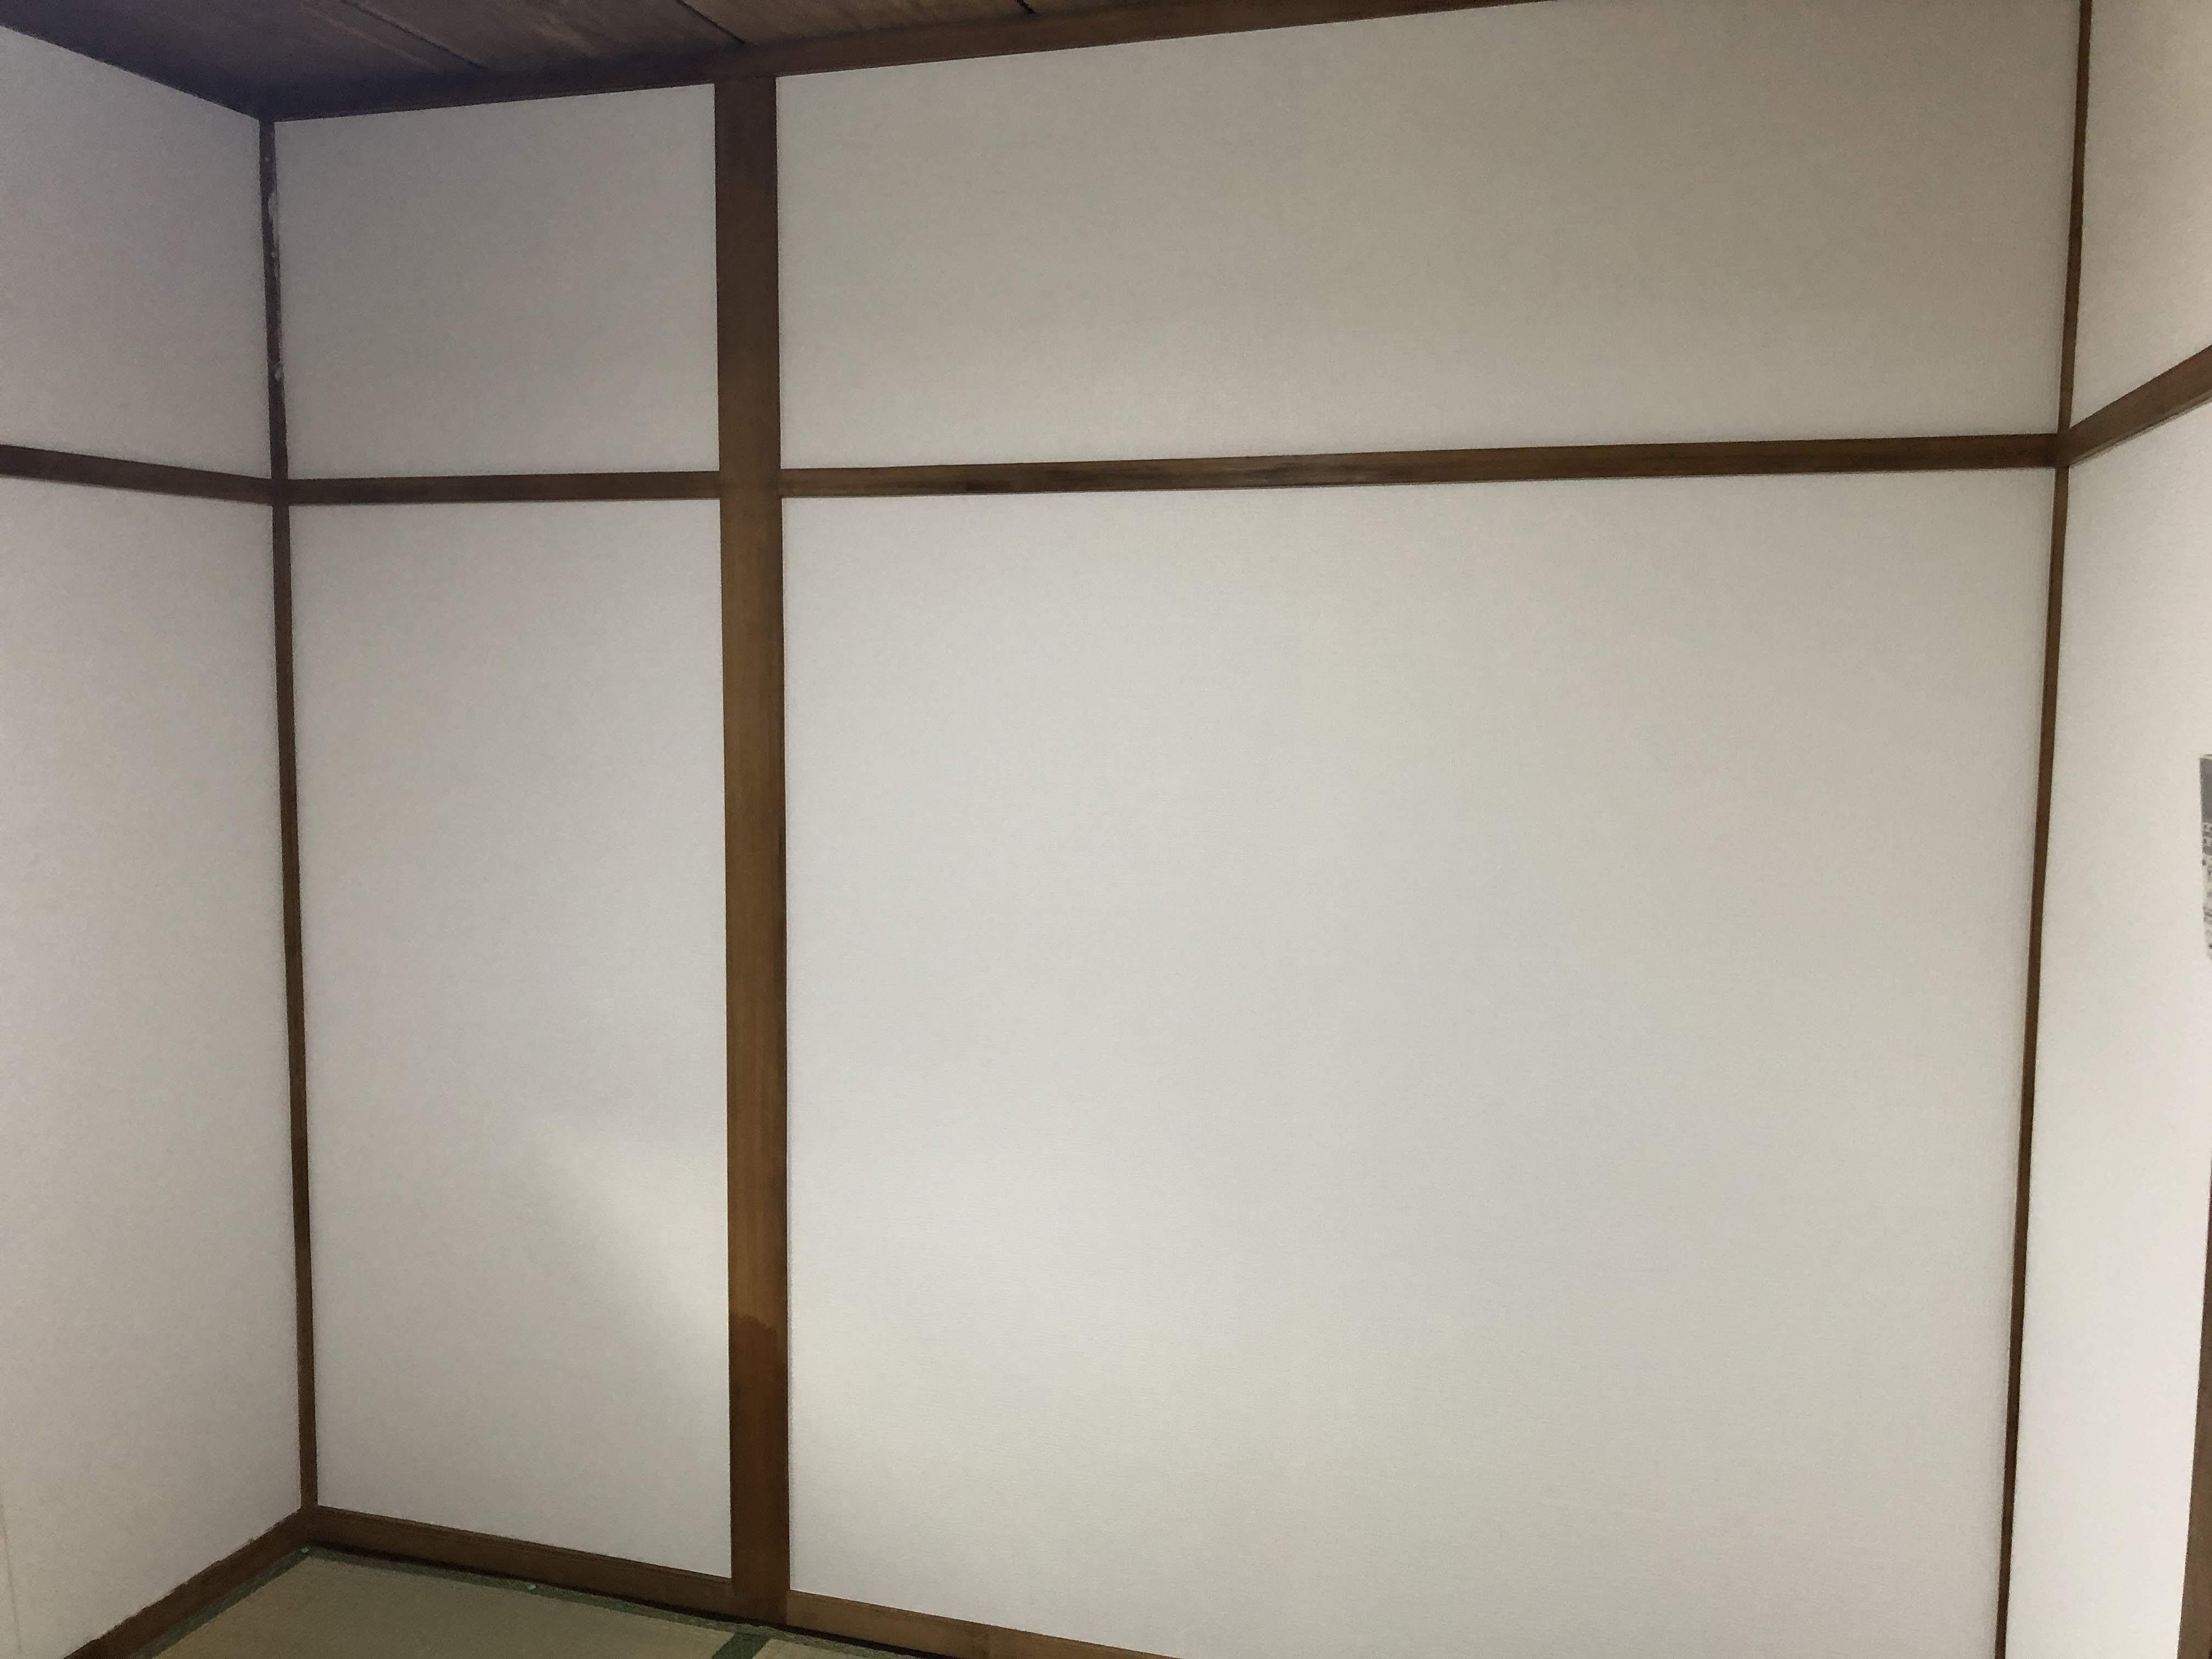 福山市久松台 廊下追い張り・和室改修工事完了致しました。